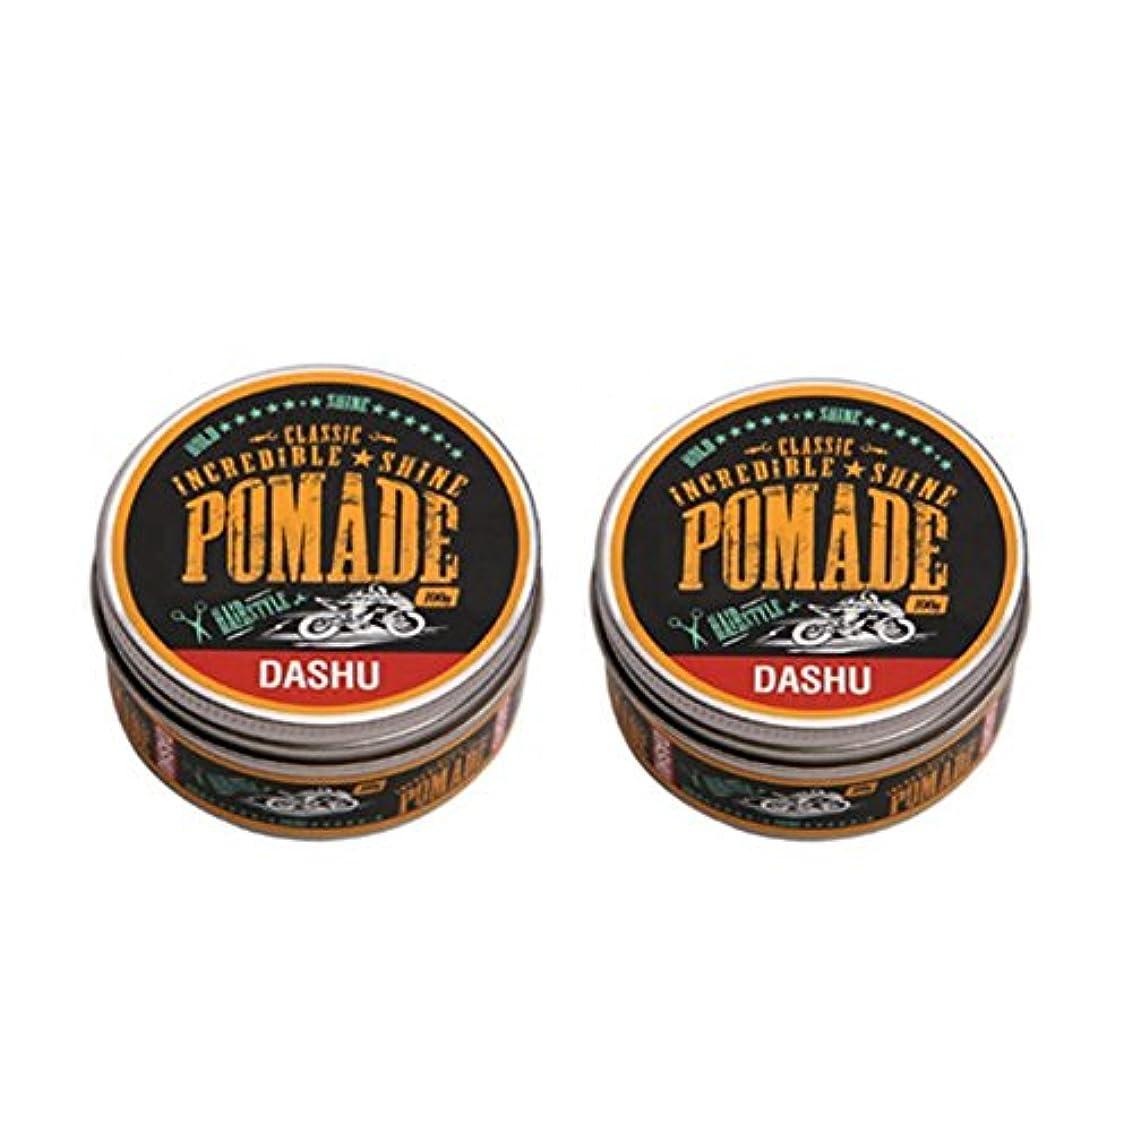 保険をかける投獄まあ(2個セット) x [DASHU] ダシュ クラシック 信じられないほどの輝き ポマードワックス Classic Incredible Shine Pomade Hair Wax 100ml / 韓国製 . 韓国直送品